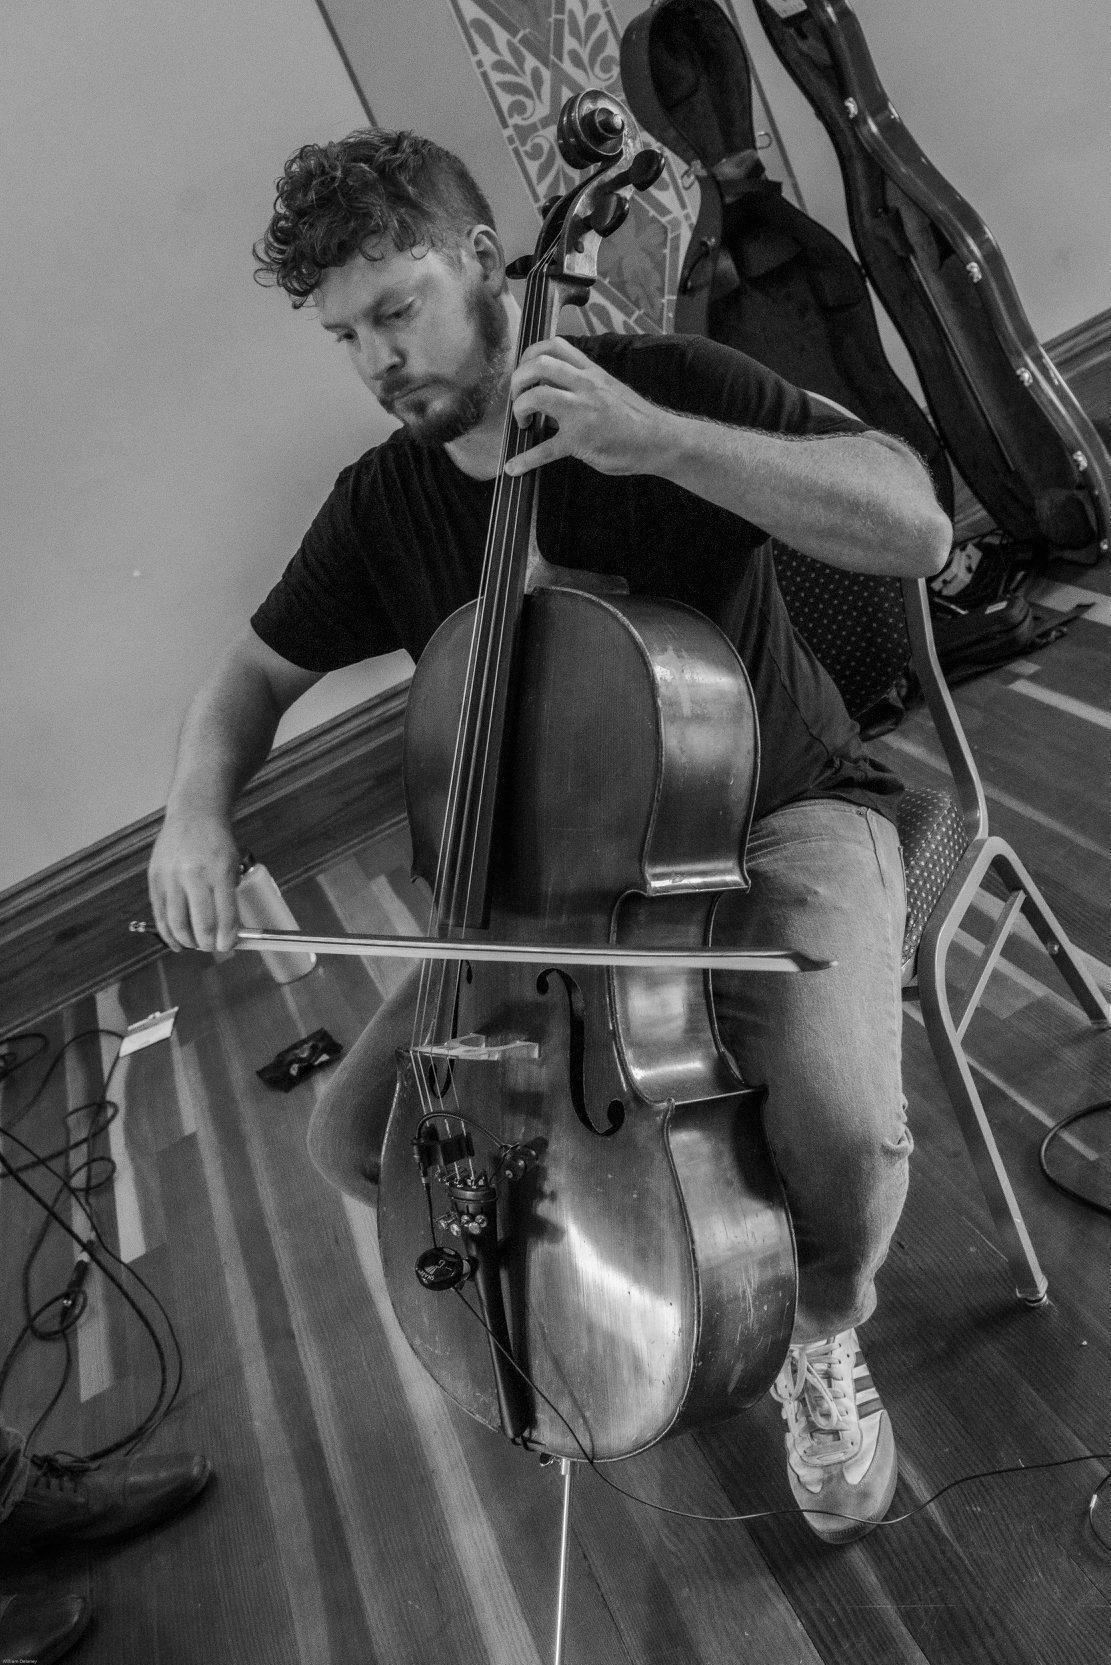 Cello player